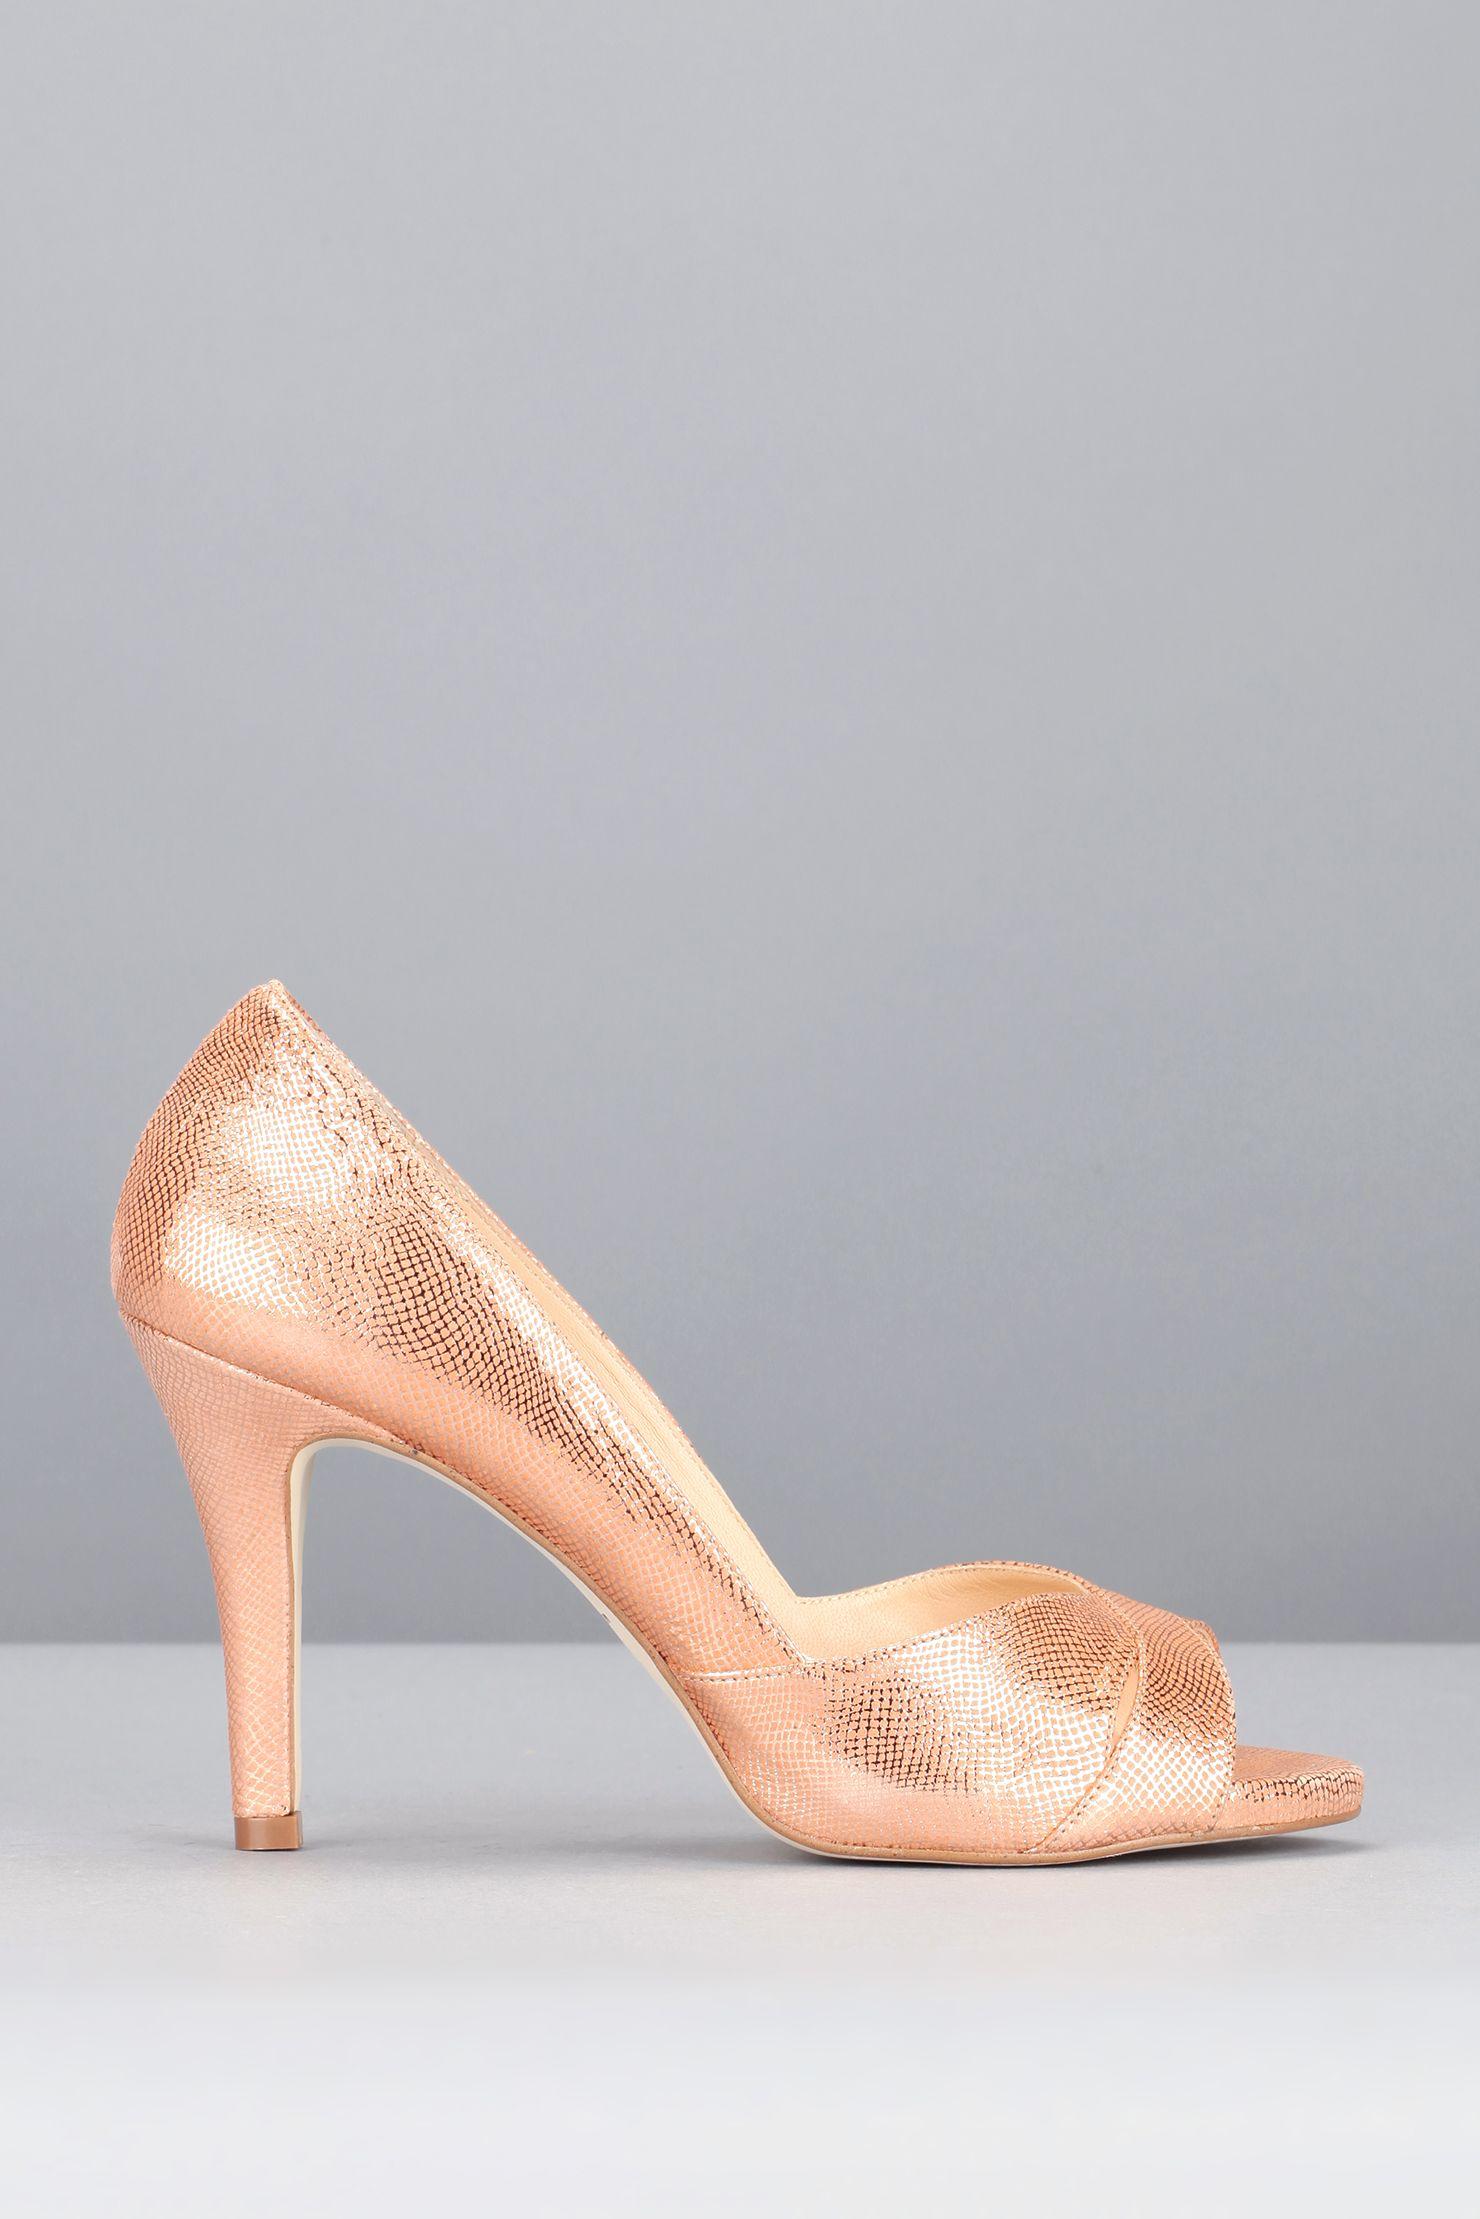 230fc5e530480b Escarpins corail velours laminés | Les Chaussures du jour J ...